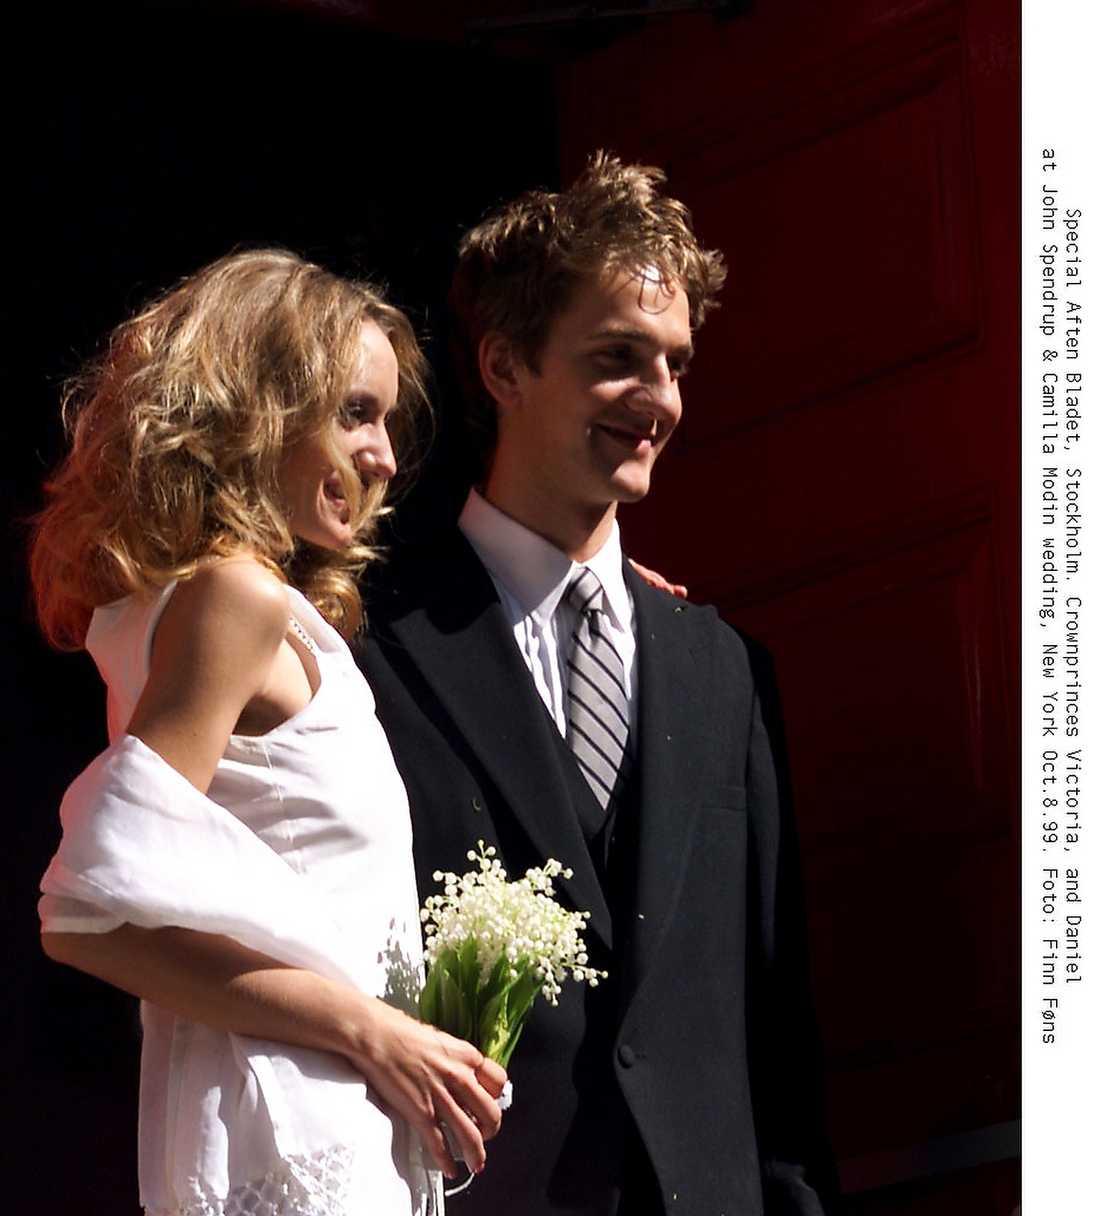 Jon Spendrup gifte sig med Camilla Modin i New York 1999, Victoria var en av gästerna.